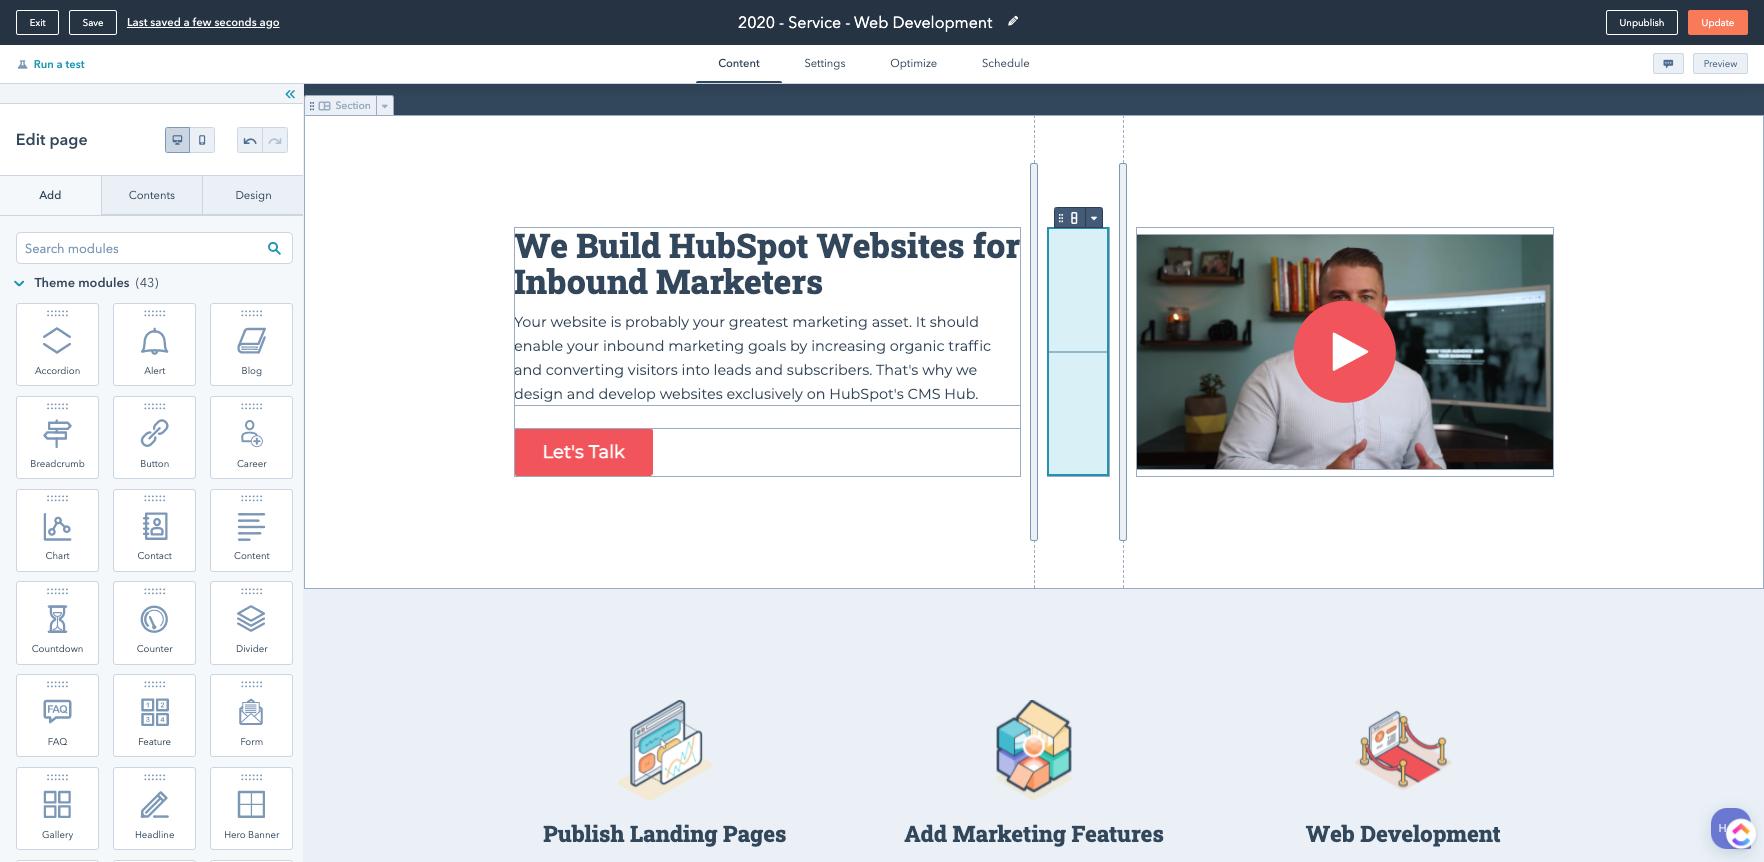 HubSpot CMS Hub - HubSpot Website Development - The Gist - Product Screenshot